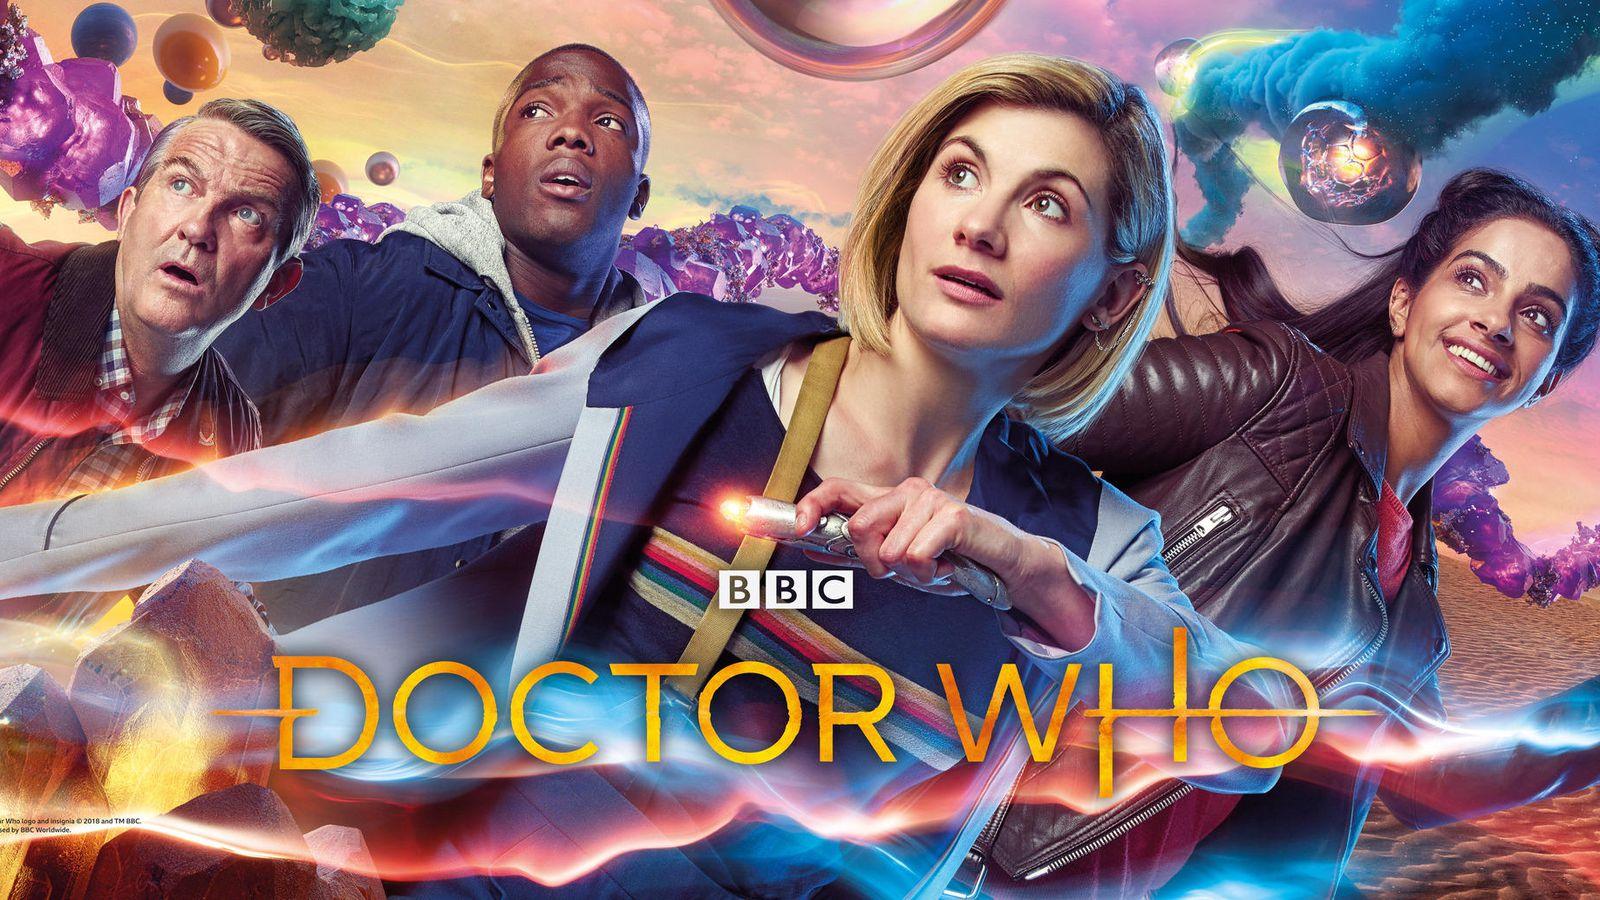 doctor who season 13 release date